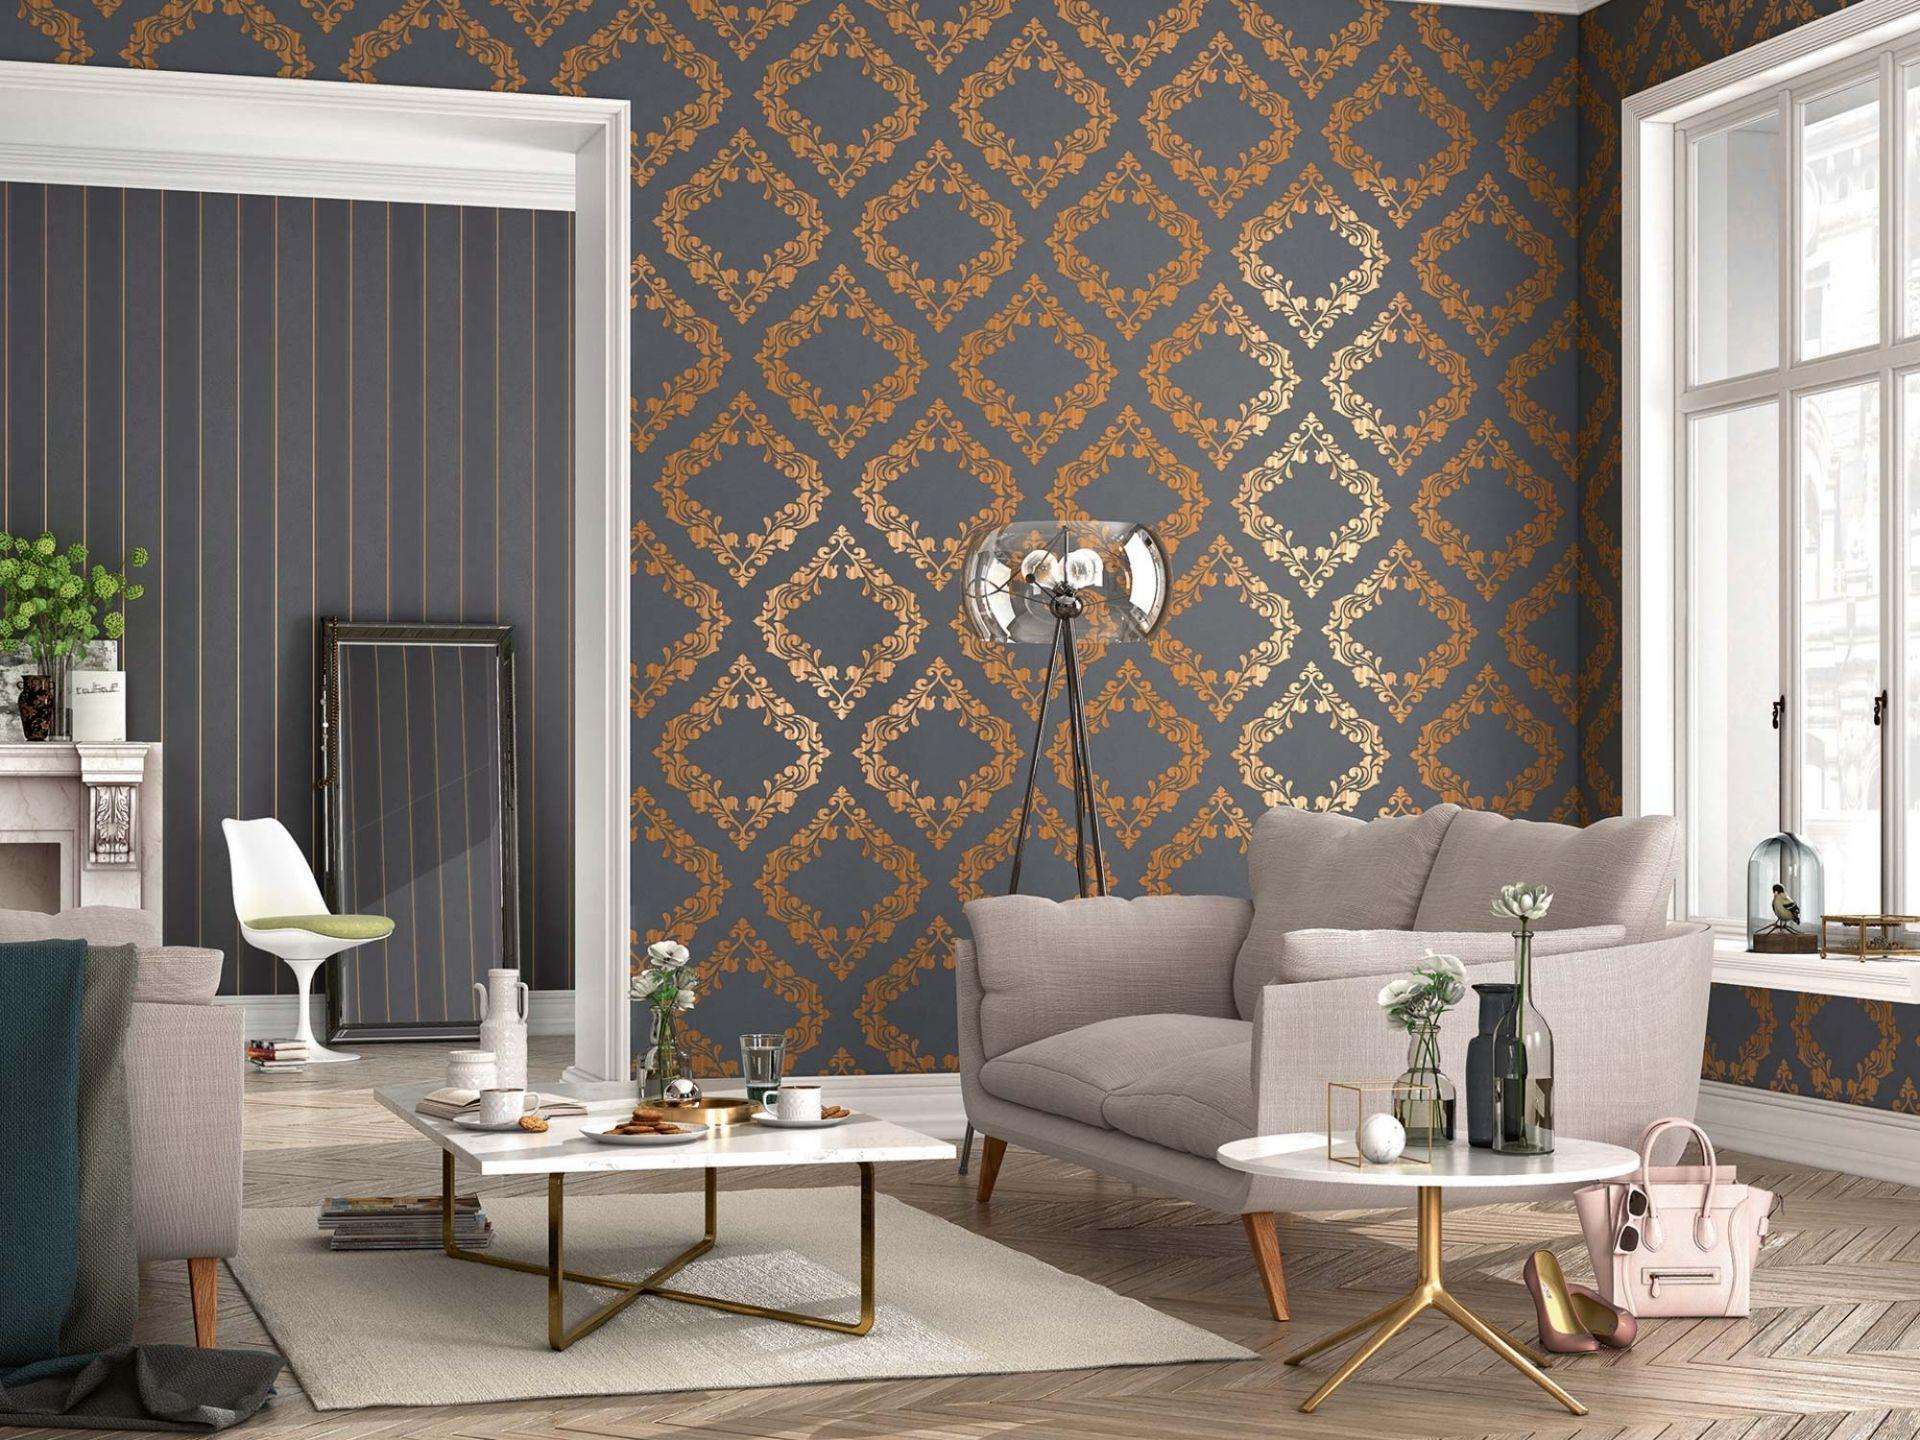 schöne tapeten fürs wohnzimmer | Pinterest